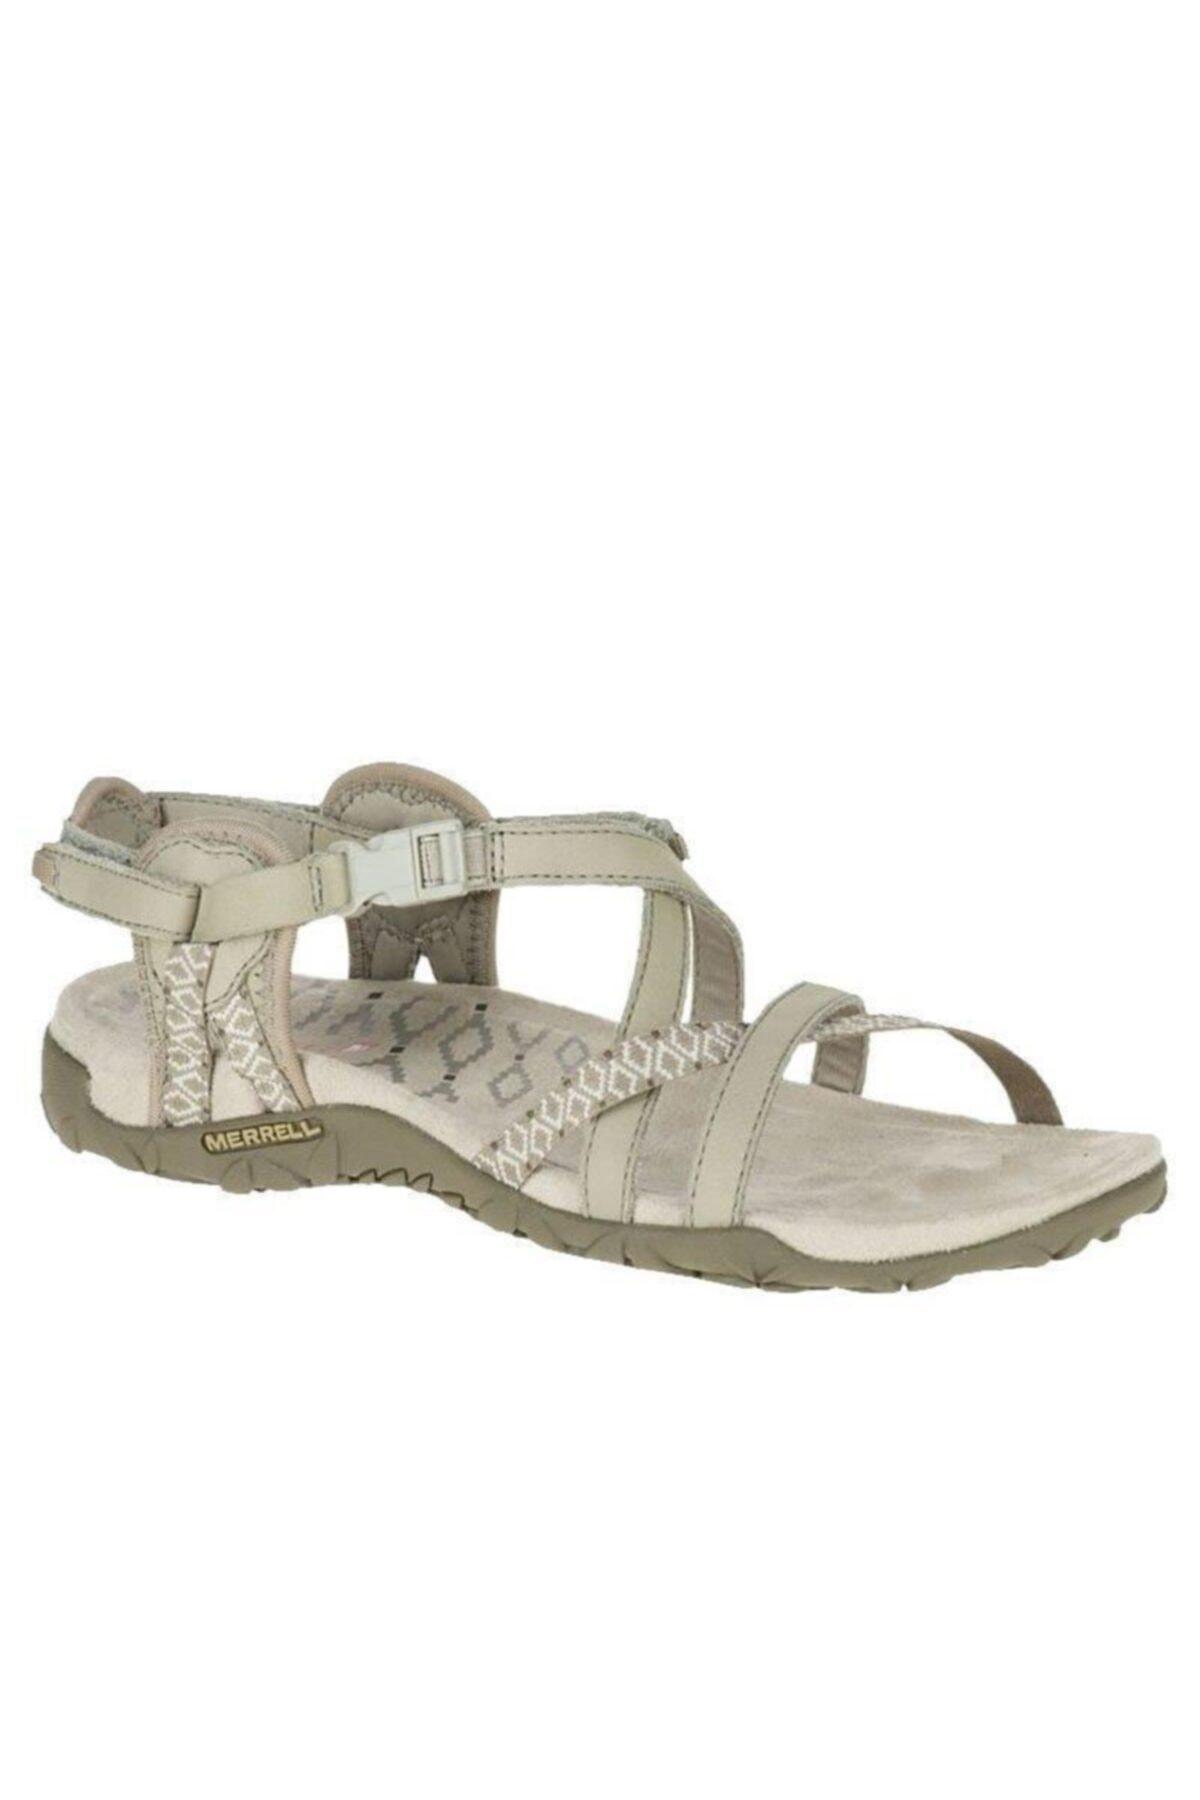 Merrell J02766 Terran Lattice 2 Taupe Taupe Kadın Sandalet 1